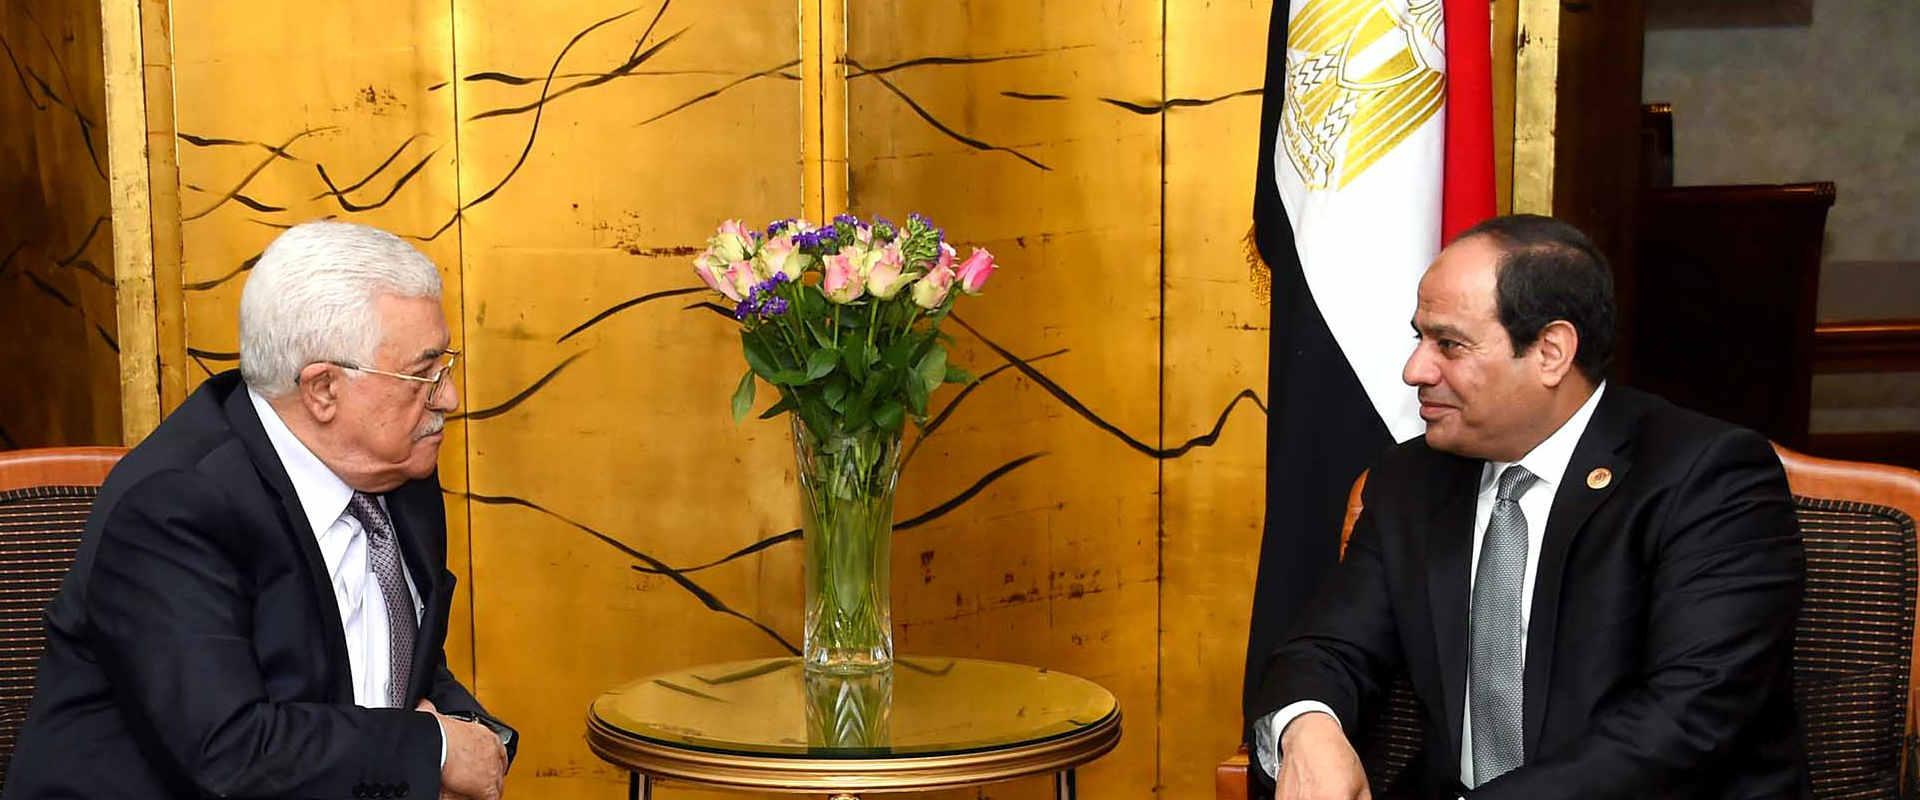 אבו מאזן וא-סיסי במפגש שנערך בינואר 2016